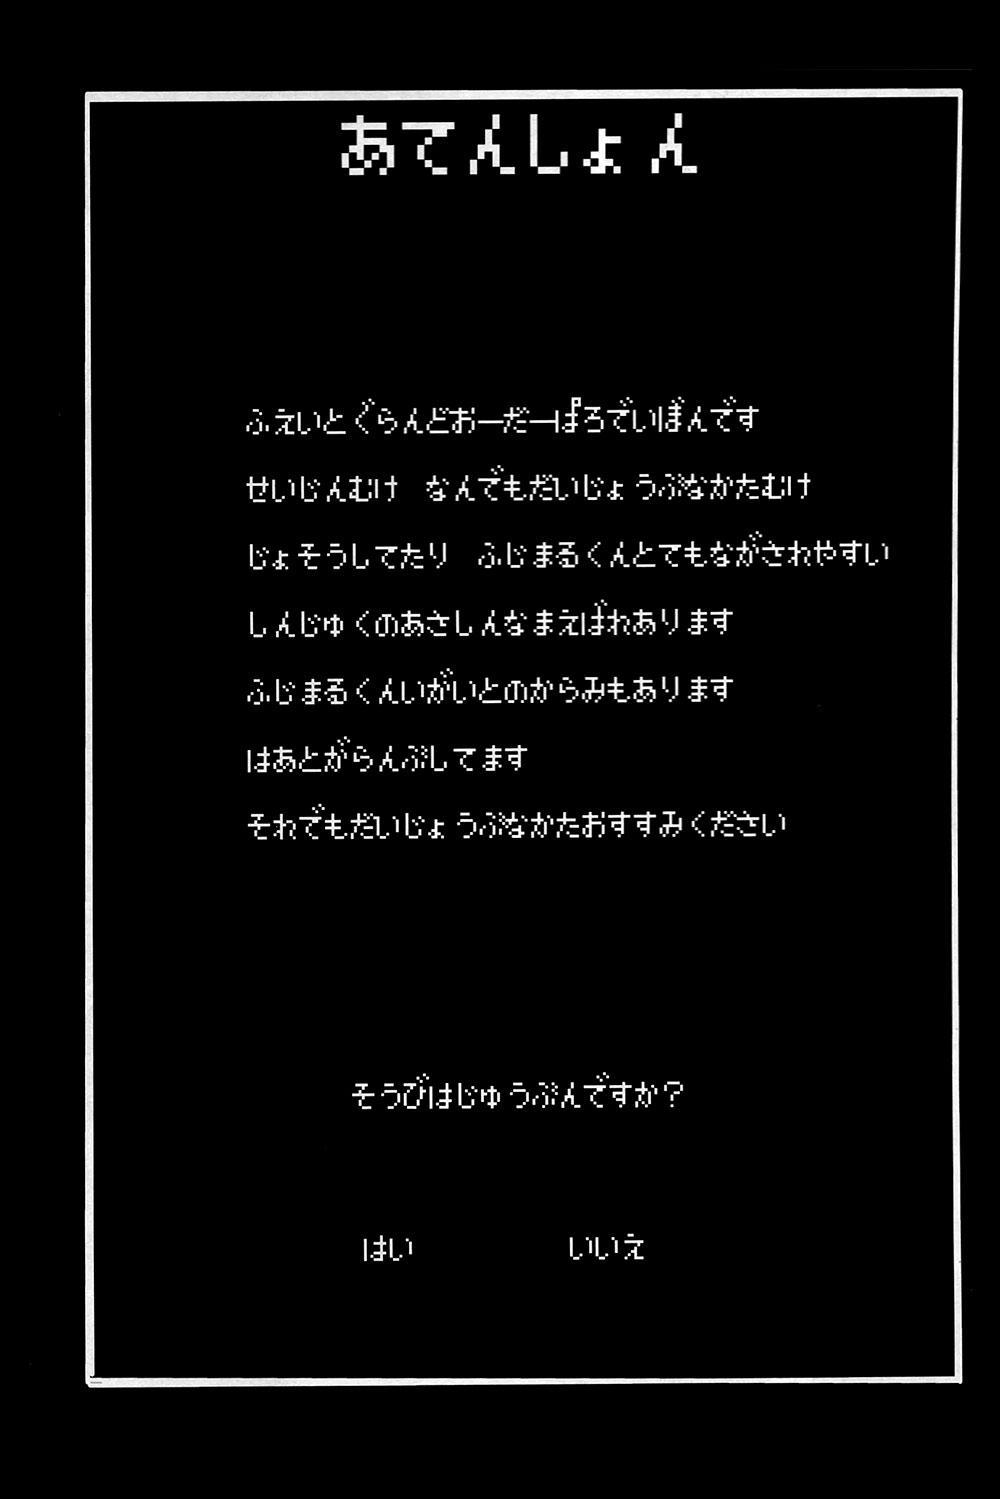 Shinshin Hanten e Youkoso 1